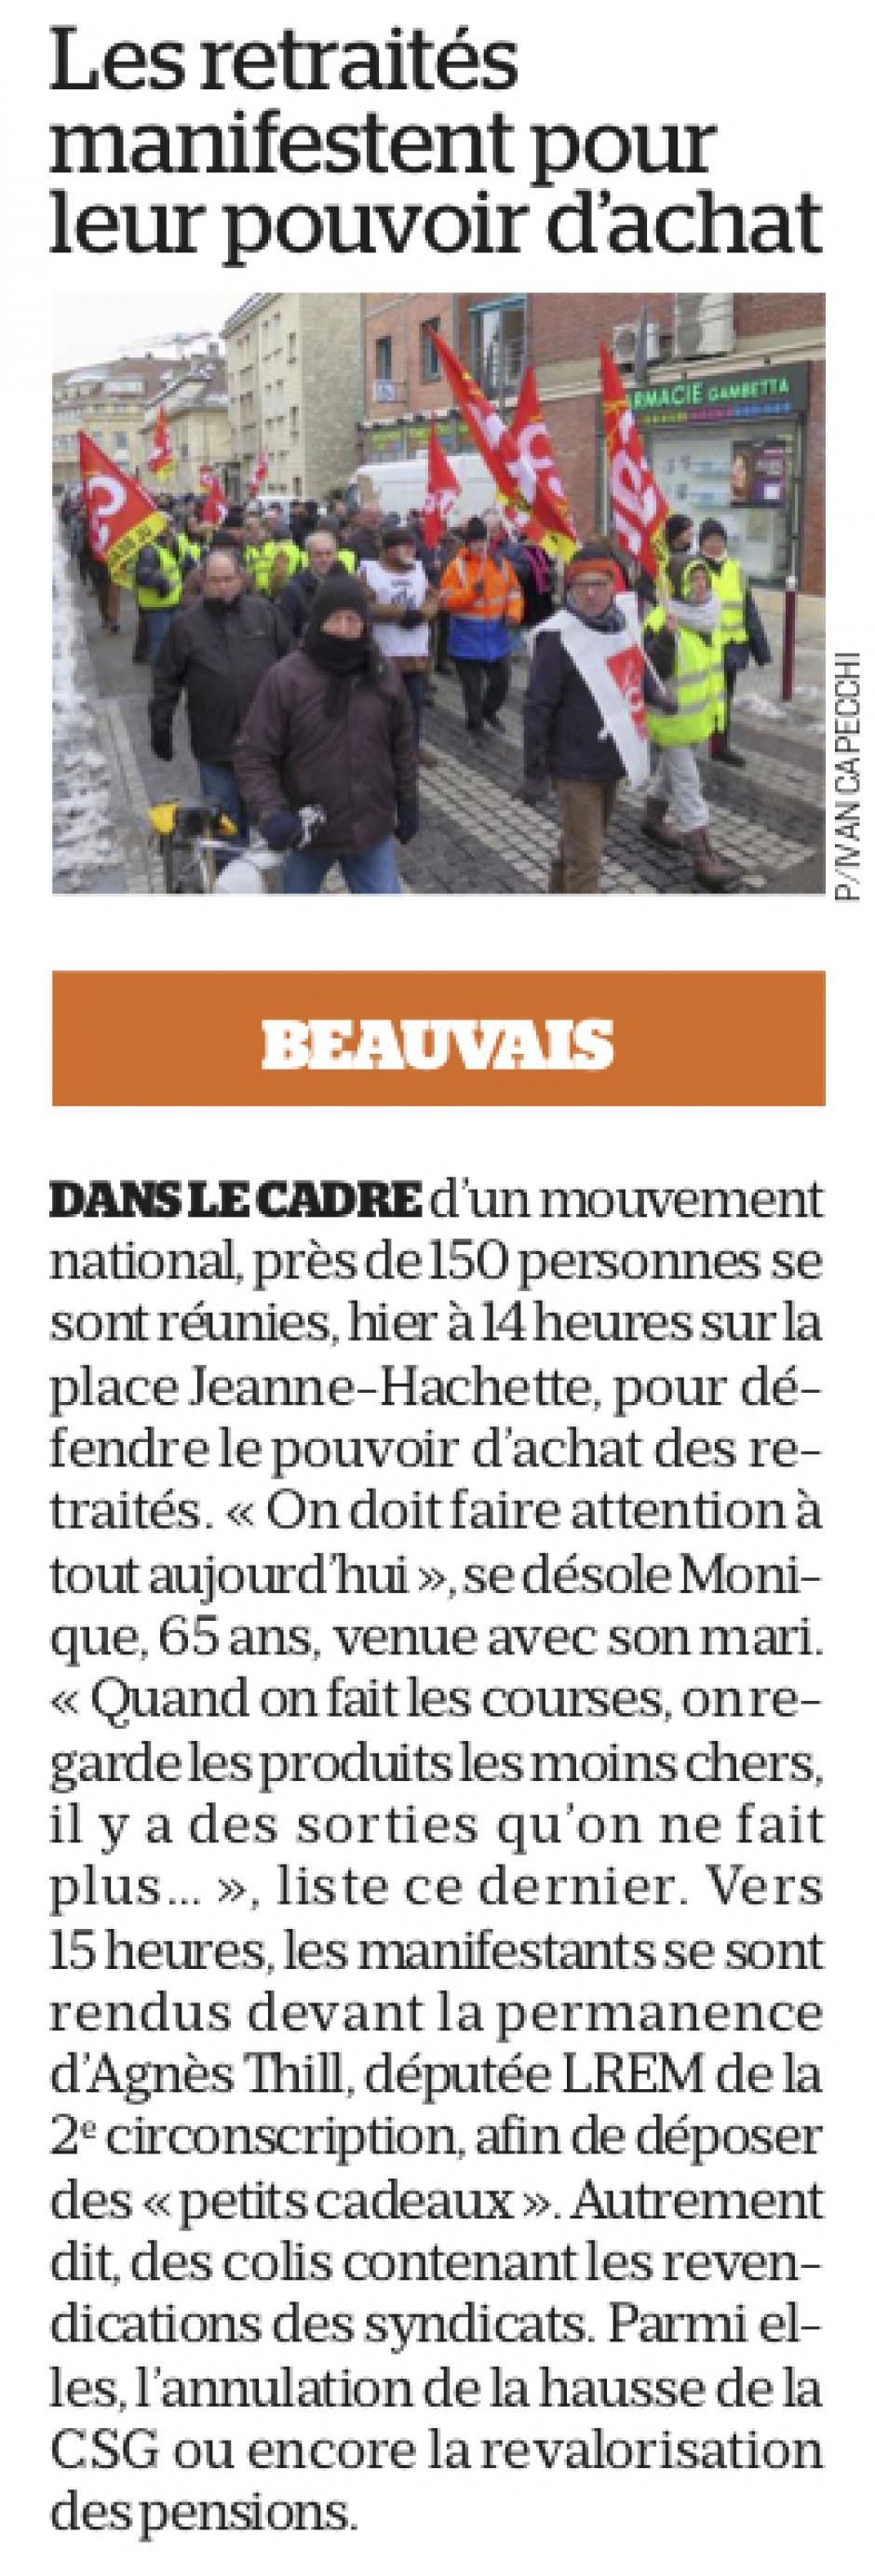 20190201-LeP-Beauvais-Les retraités manifestent pour leur pouvoir d'achat